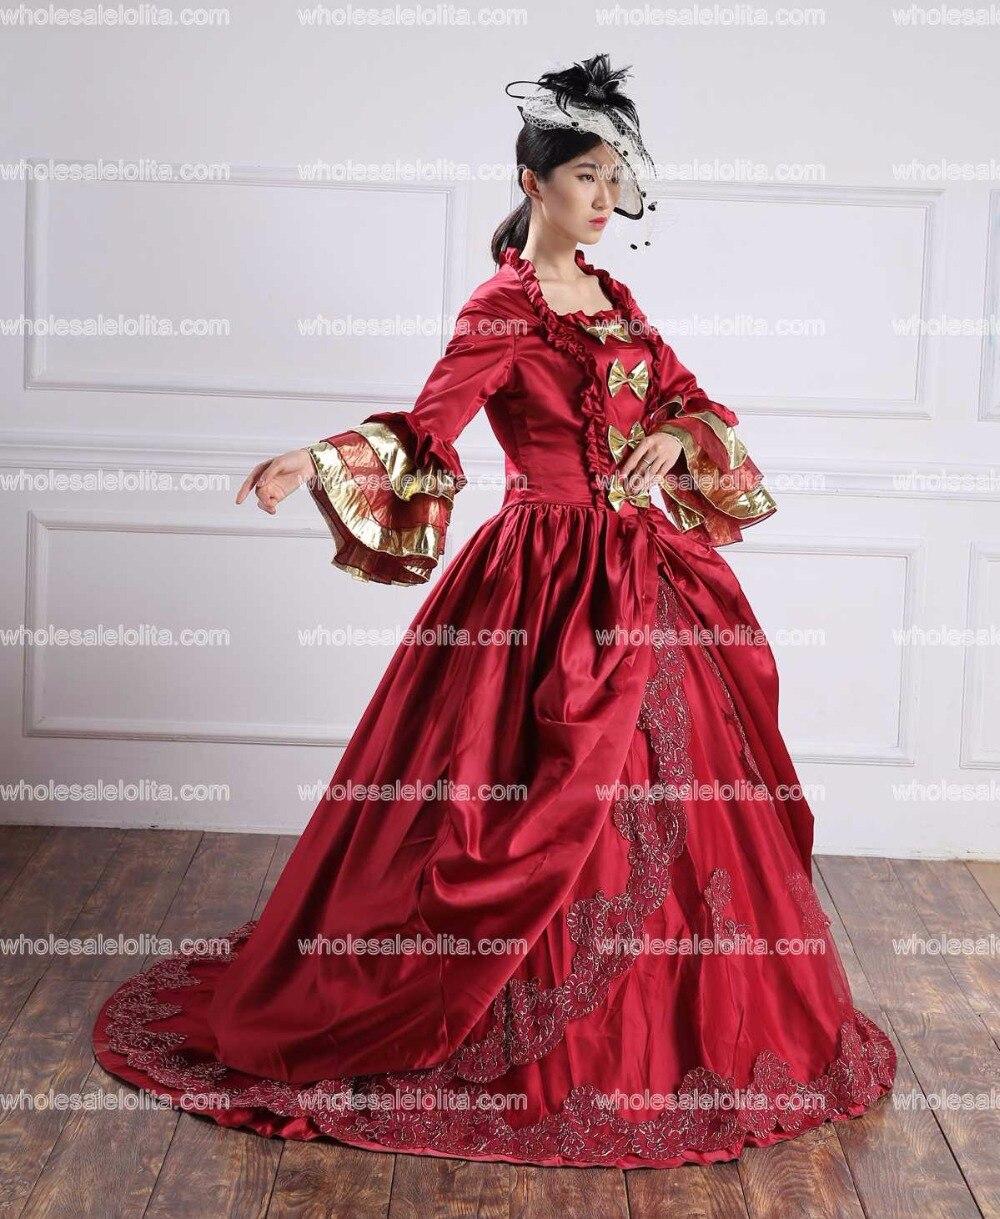 610dd345b Vestido de baile de princesa de flor de bordado completo azul claro vestido  medieval vestido renacentista